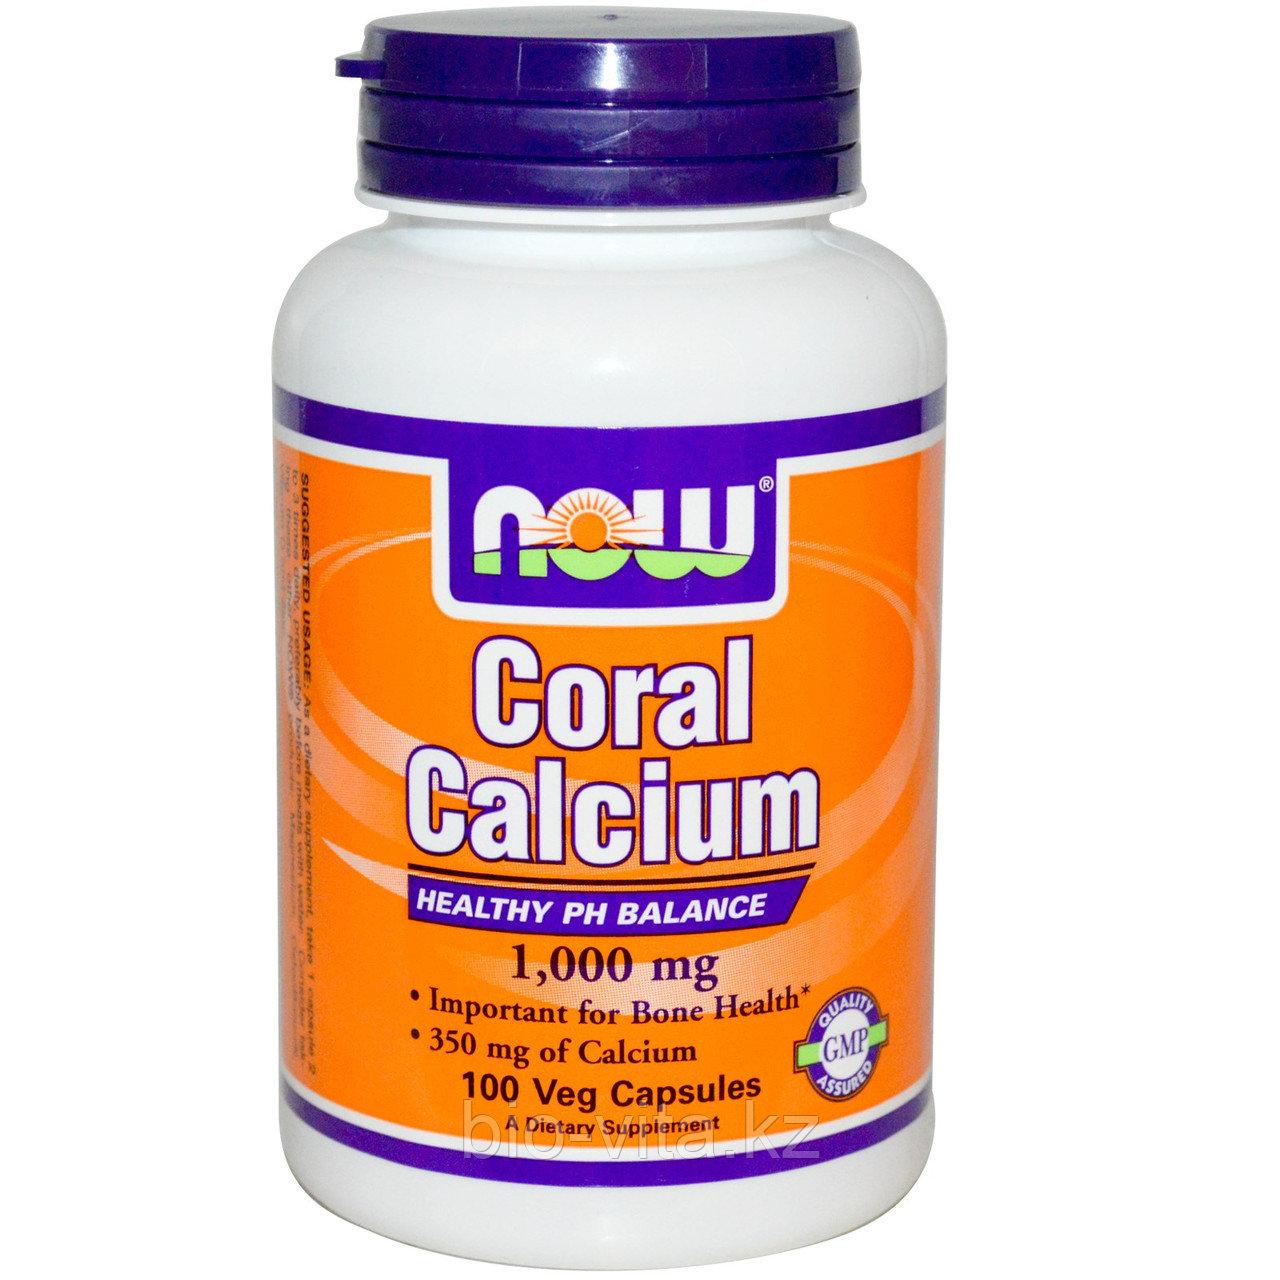 Кальций из кораллов, (для детей и взрослых) 1000 мг, 100 капсул на растительной основе.  Now Foods